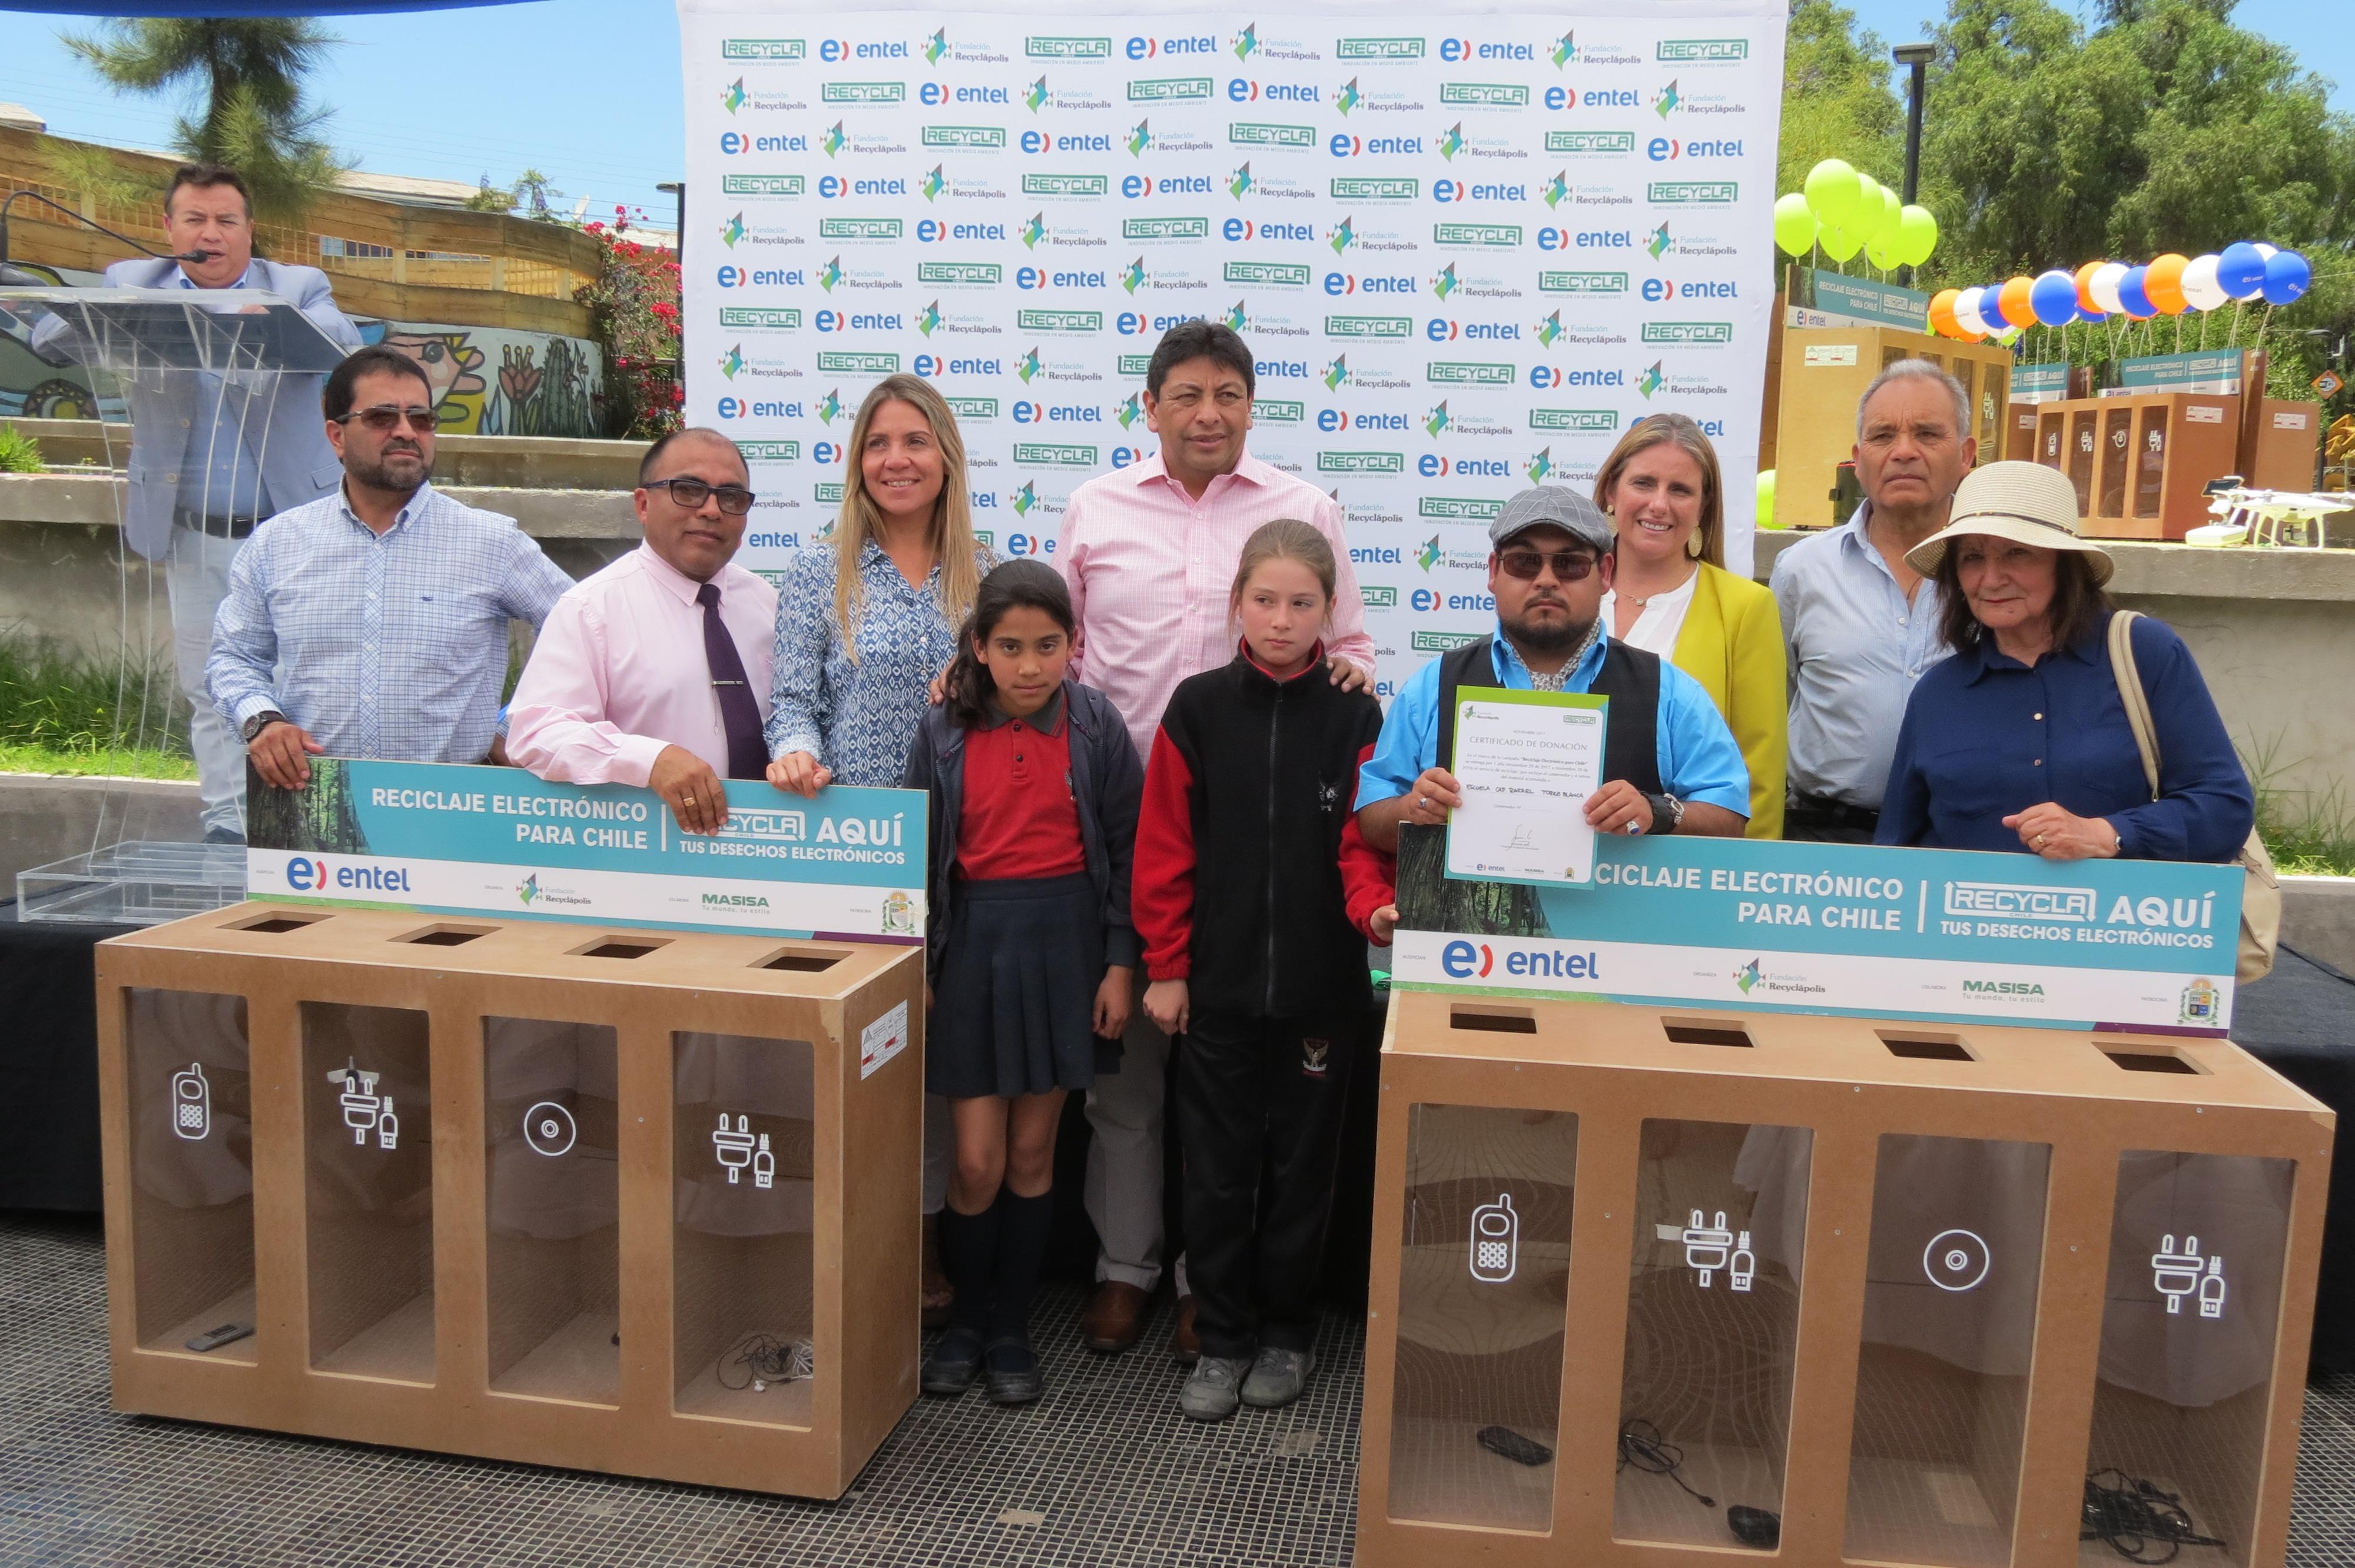 Instalarán 70 contenedores de reciclaje electrónico en Vallenar